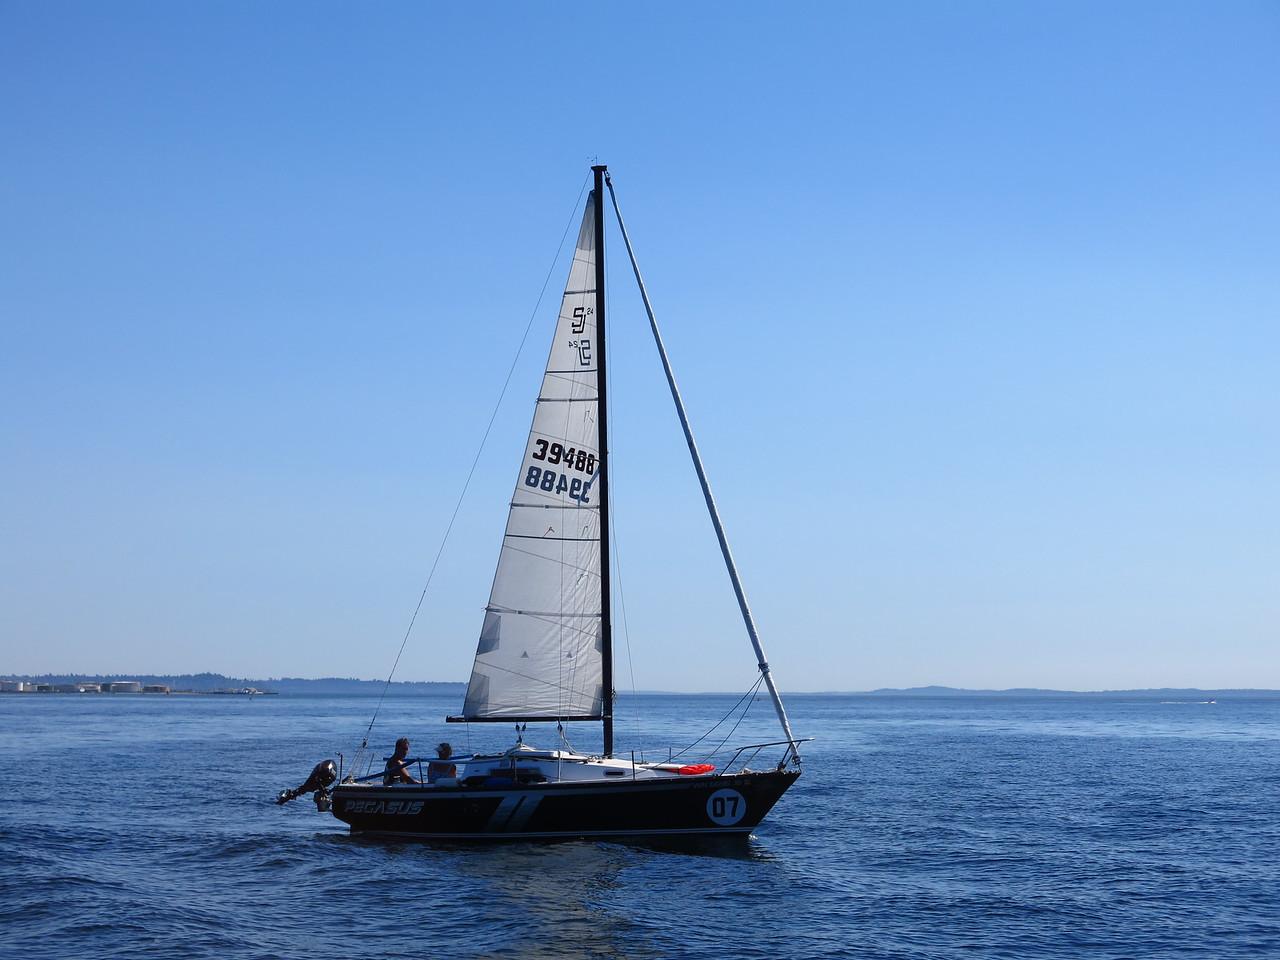 2015-07-03_Sail (27)